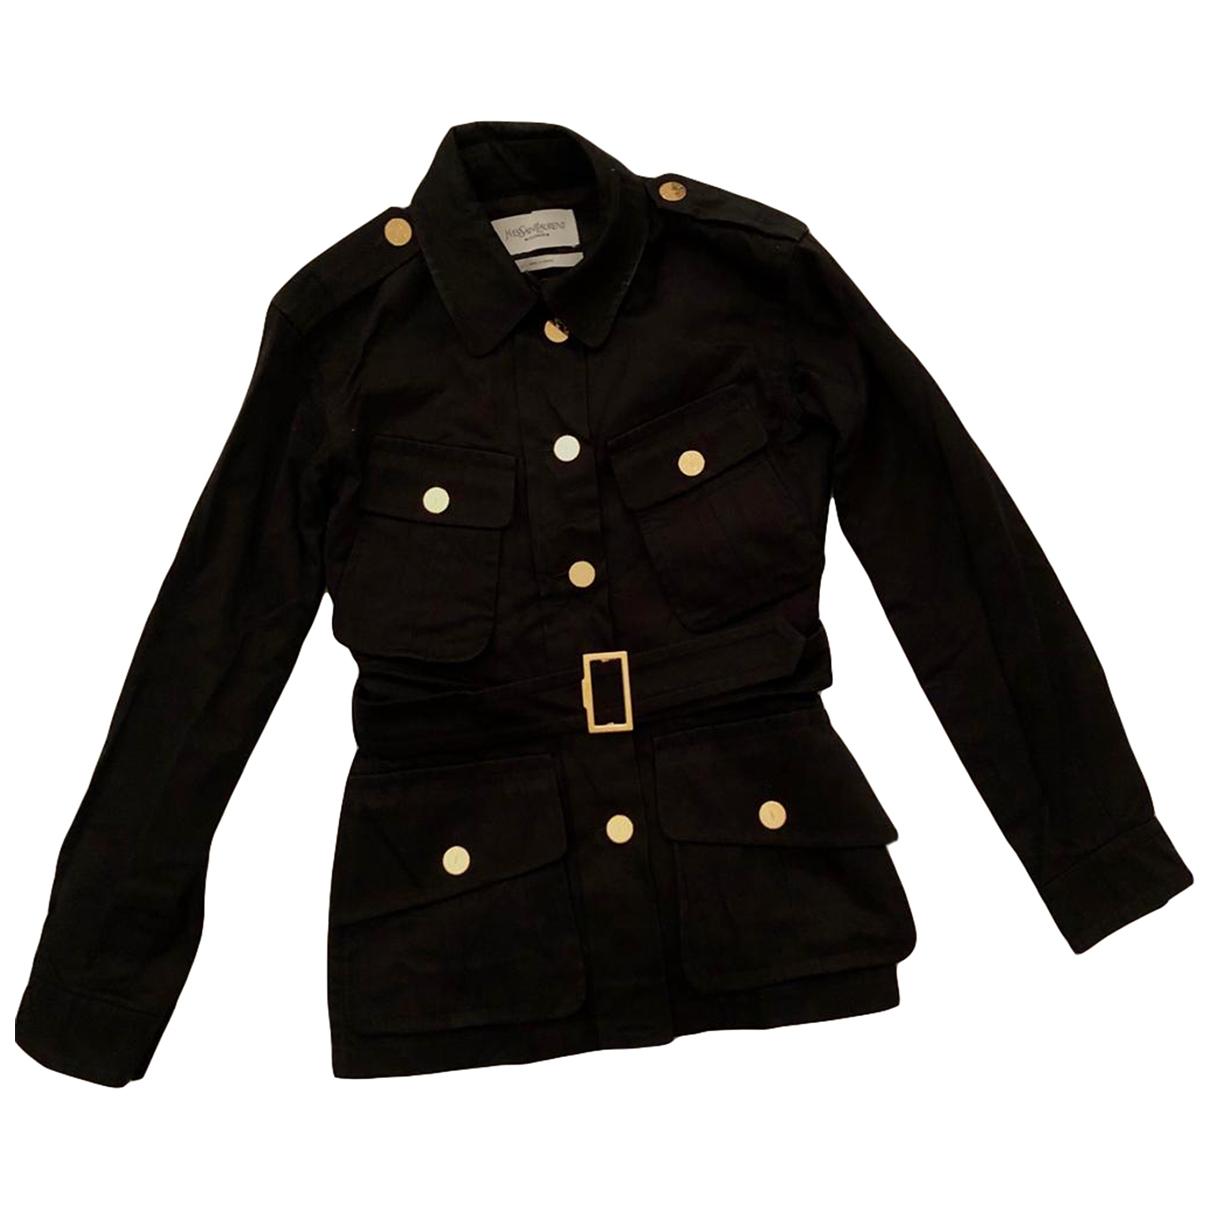 Yves Saint Laurent \N Black Cotton jacket for Women 34 FR